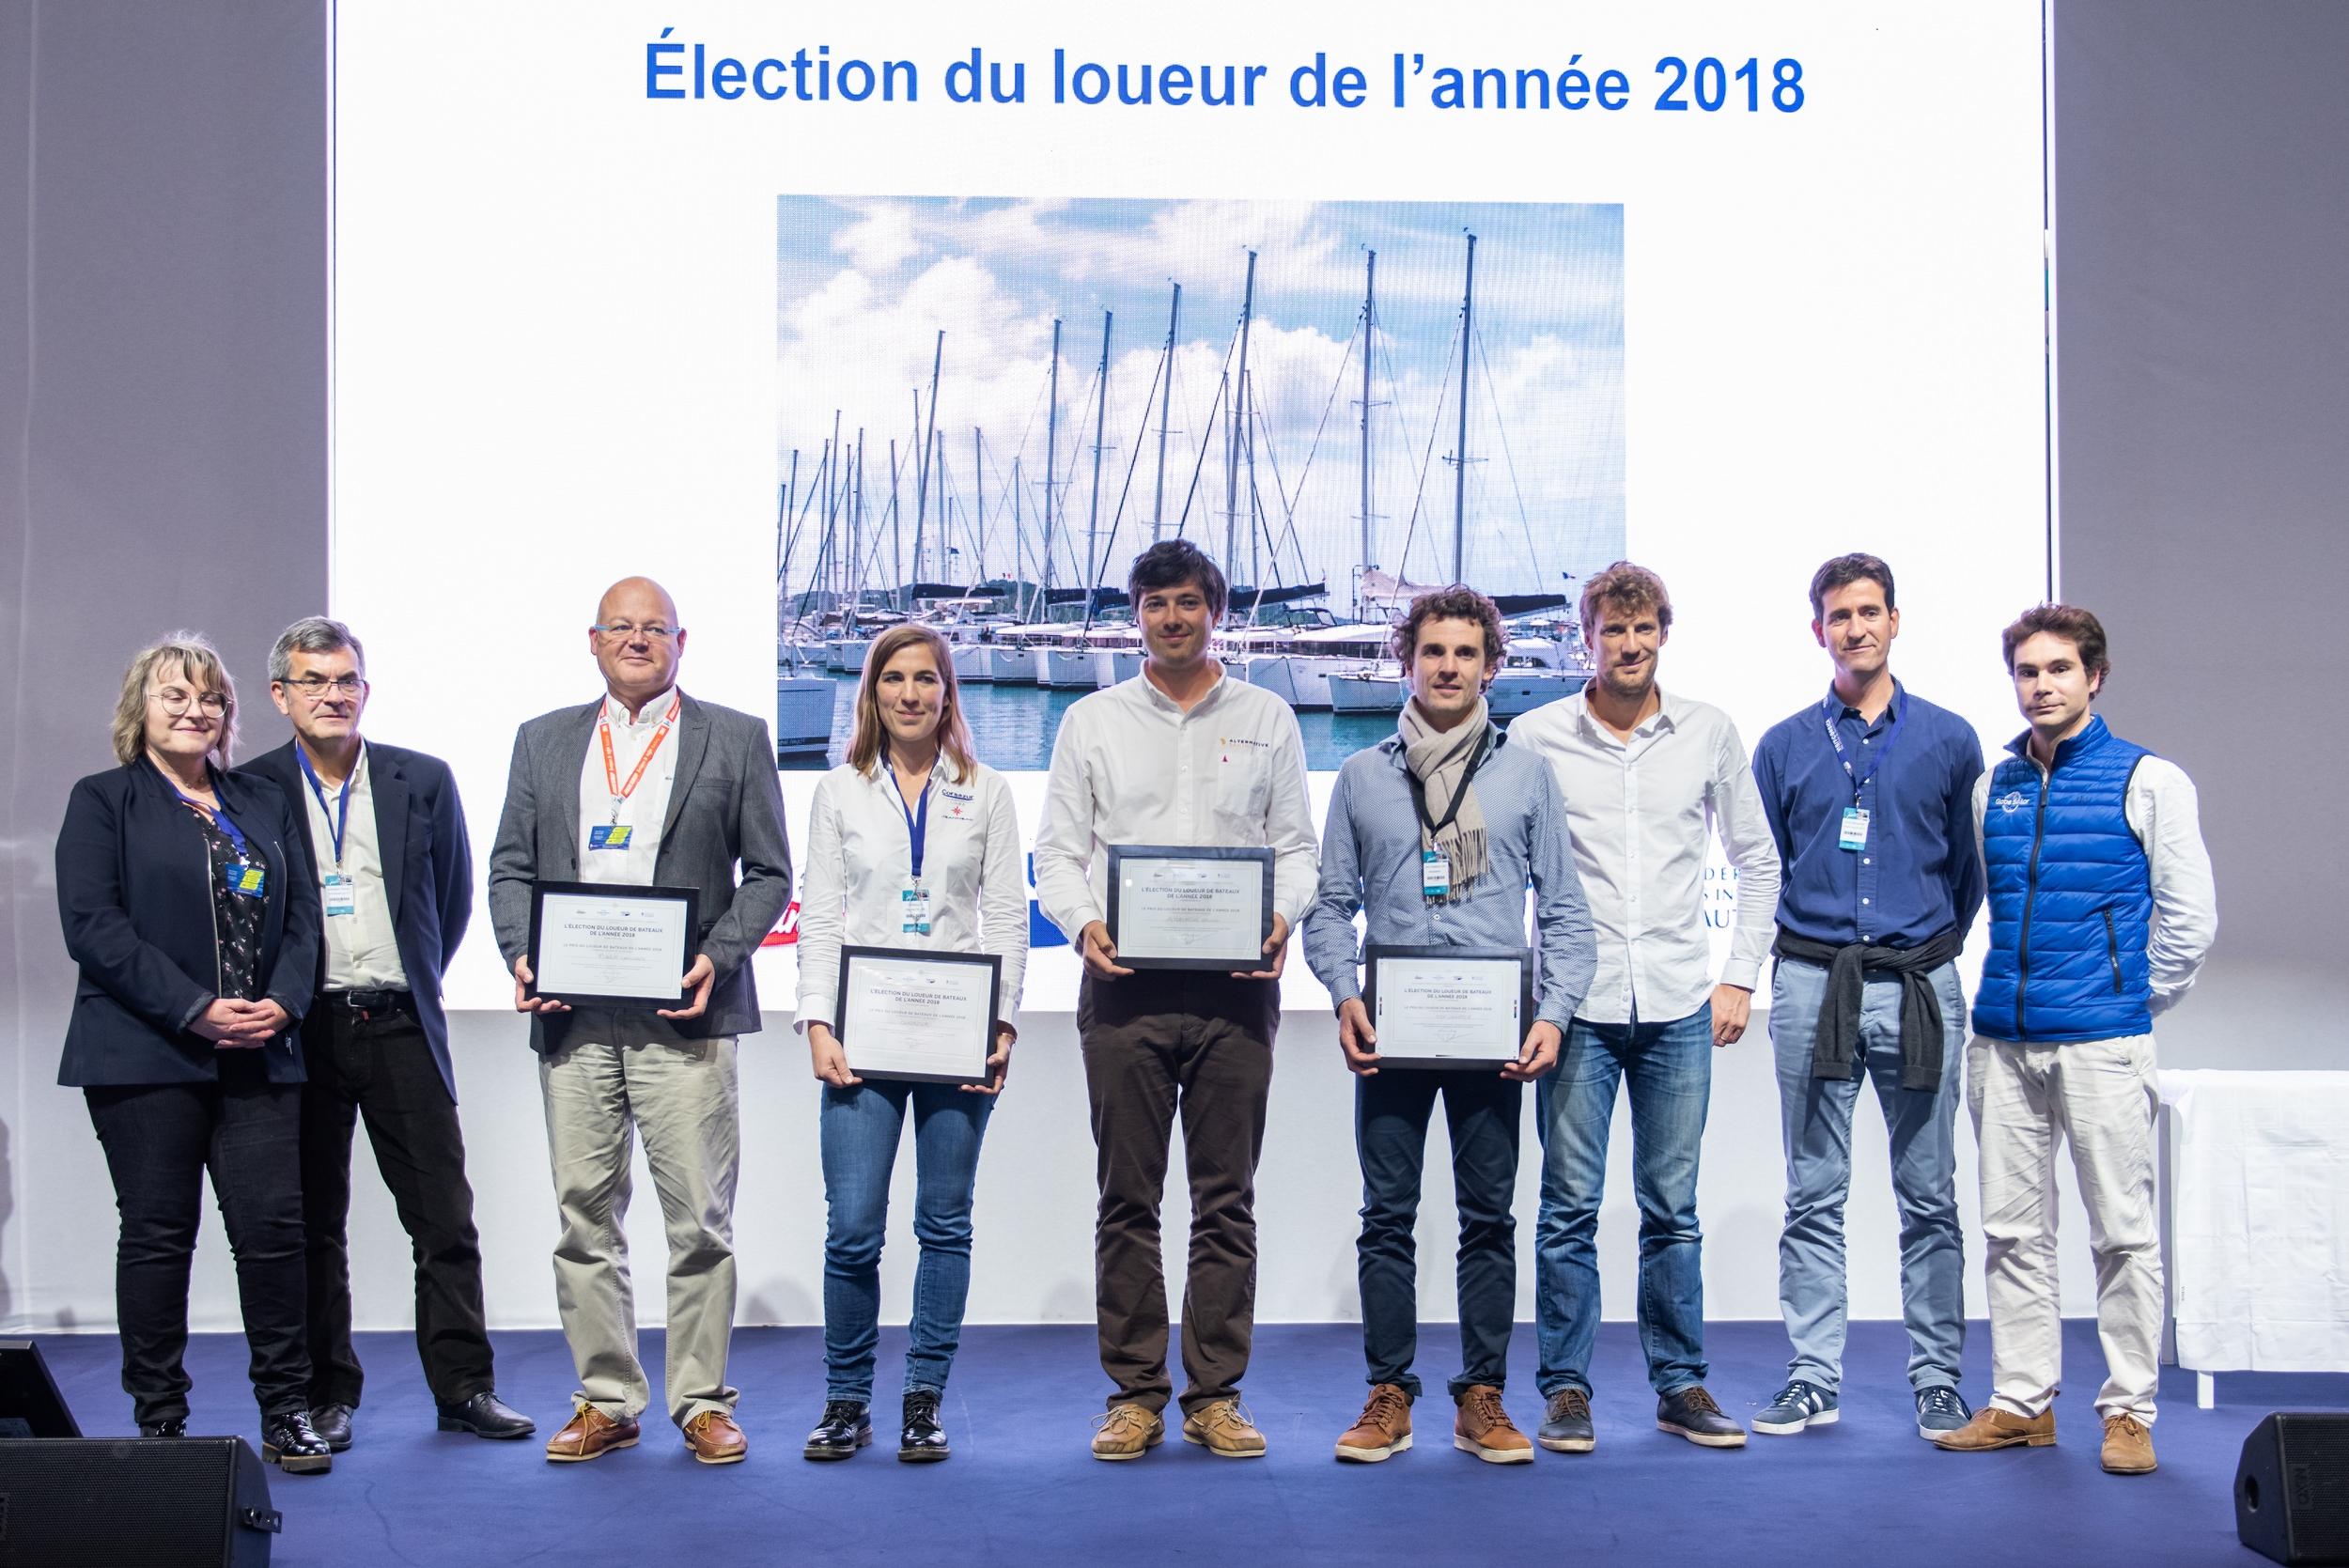 Élection du Loueur de Bateaux de l'Année 2018 : l'excellence des professionnels récompensée